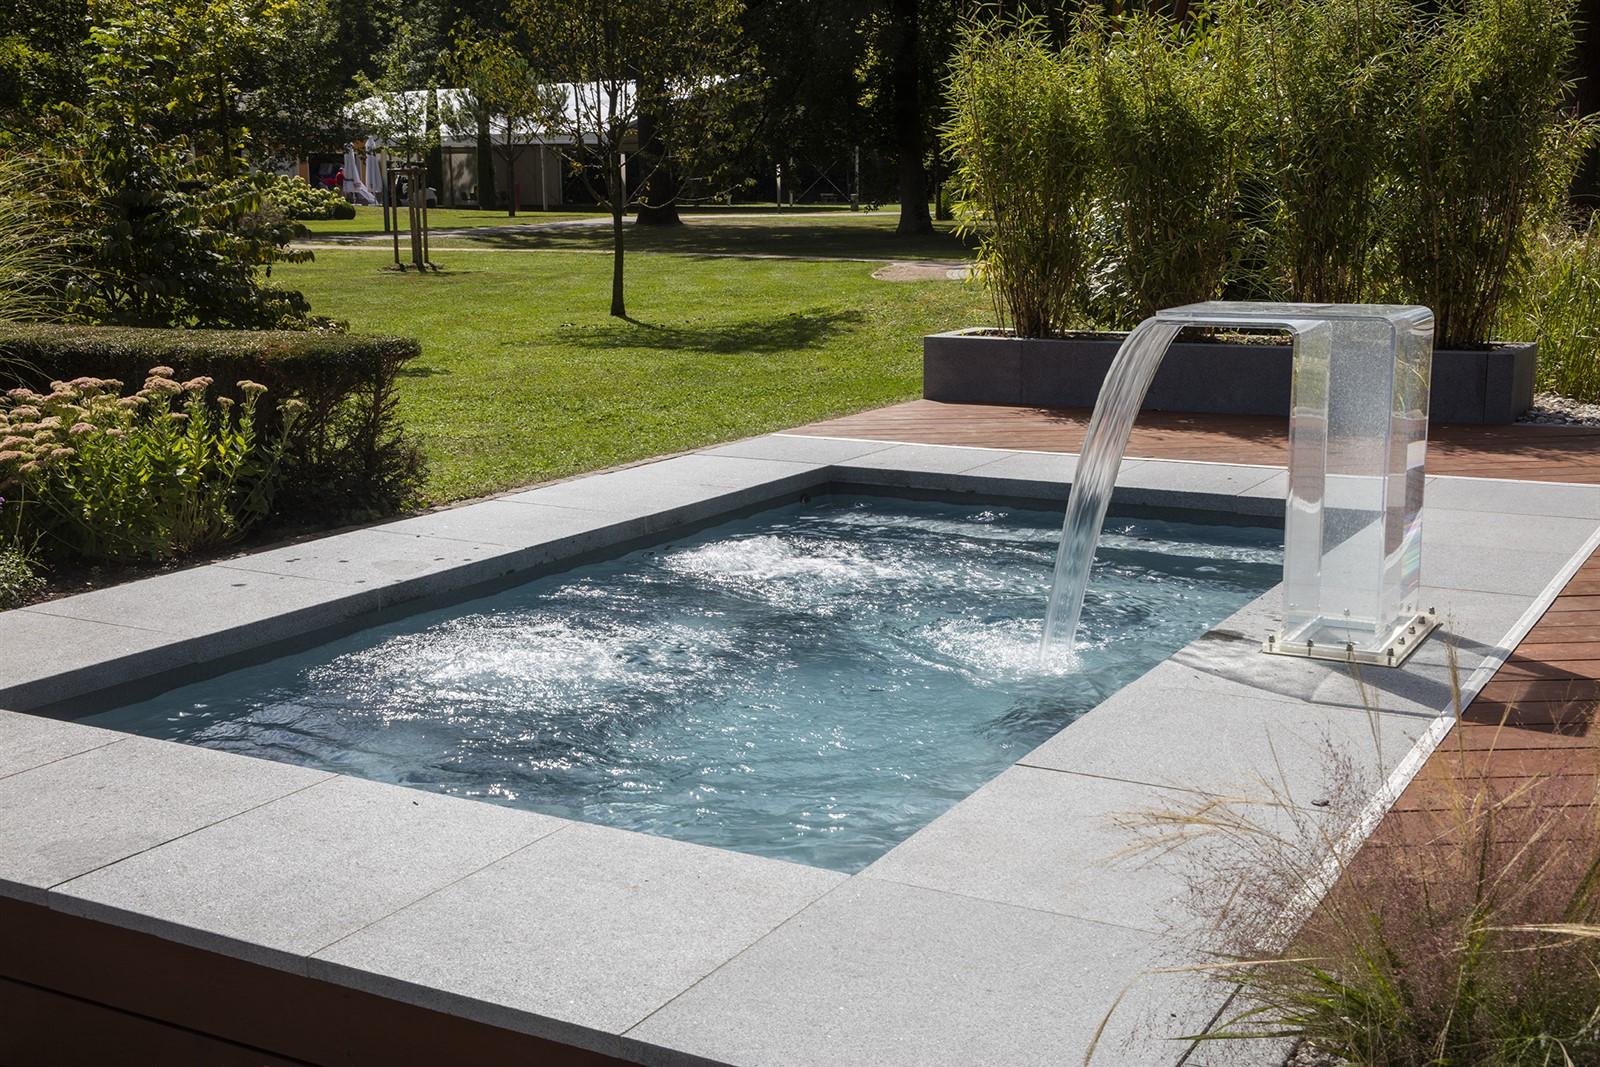 Mini Pool Im Garten : g rten pools sven studer c side der mini garten pool ~ A.2002-acura-tl-radio.info Haus und Dekorationen